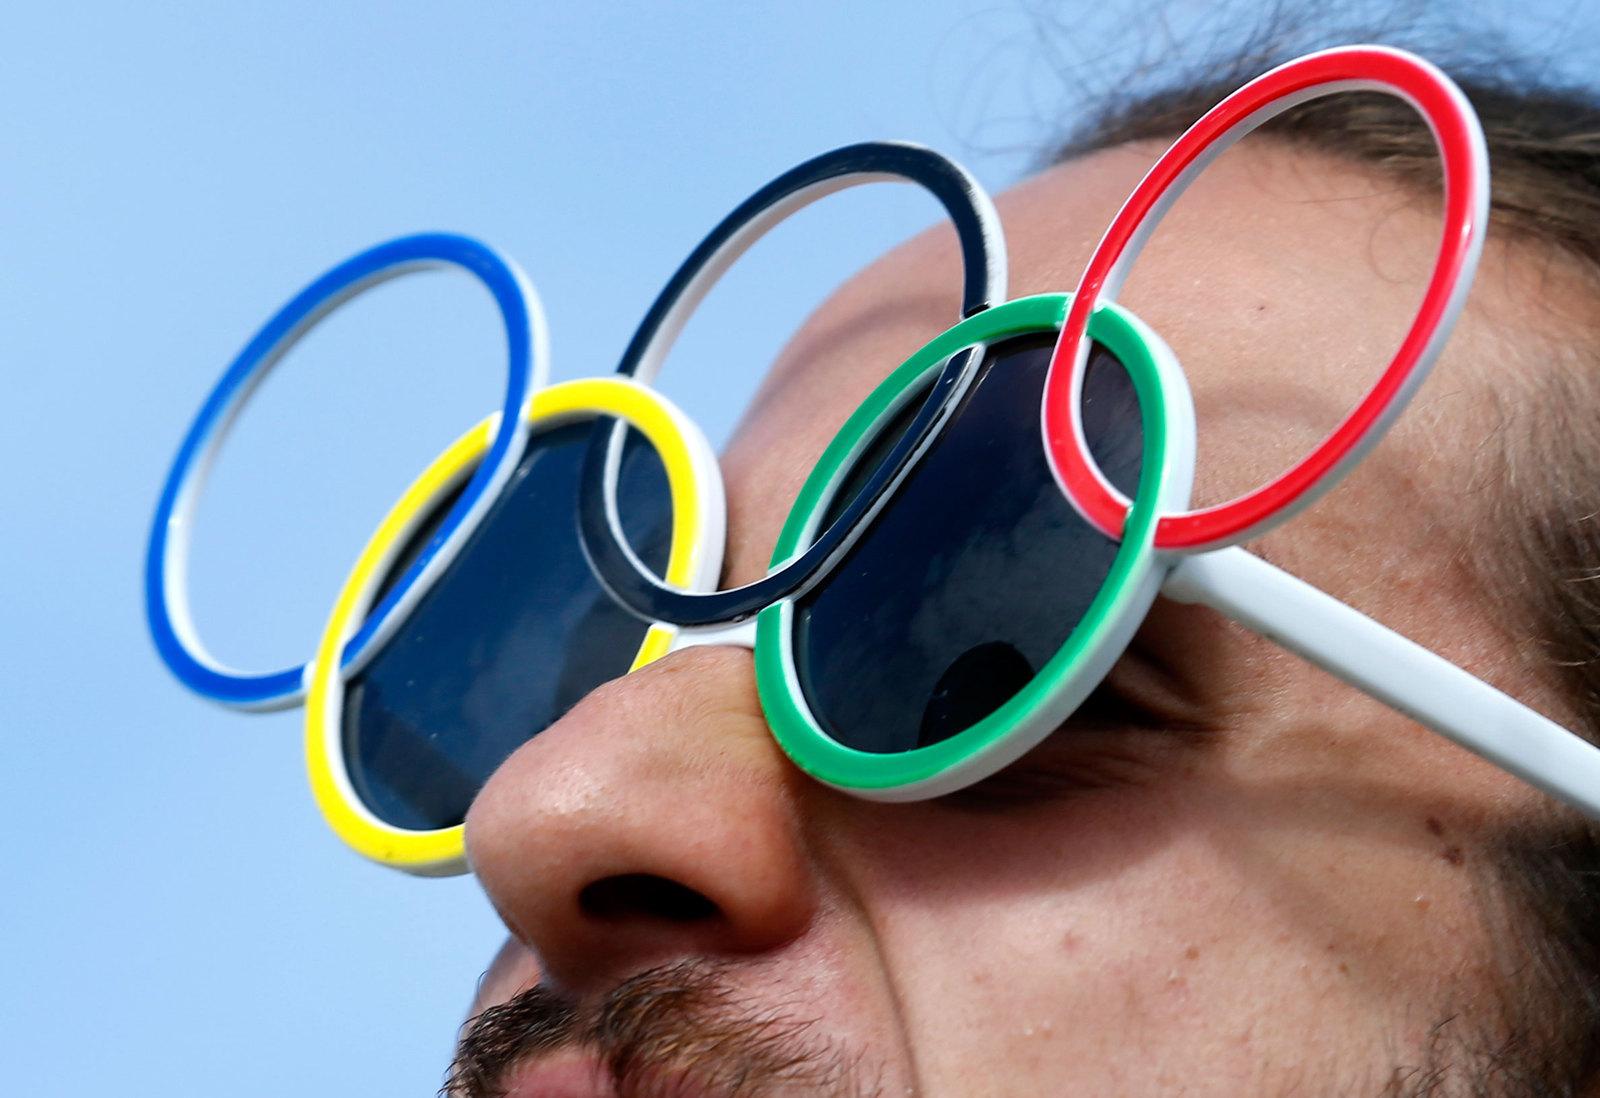 Взгляд на мир через олимпийские кольца